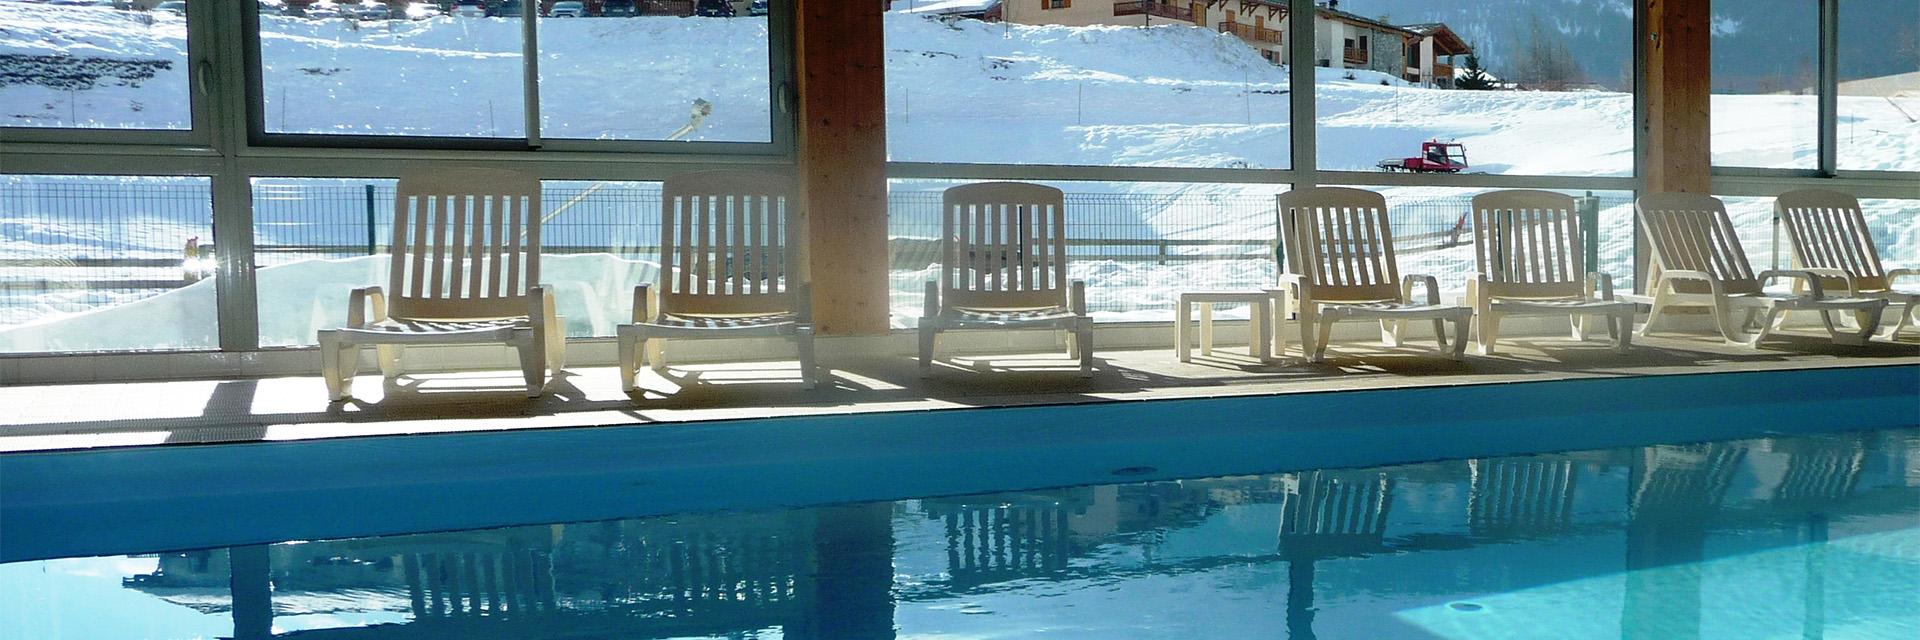 Village_club_vacances_savoie-vanoise-fleurs-et-neige-piscine